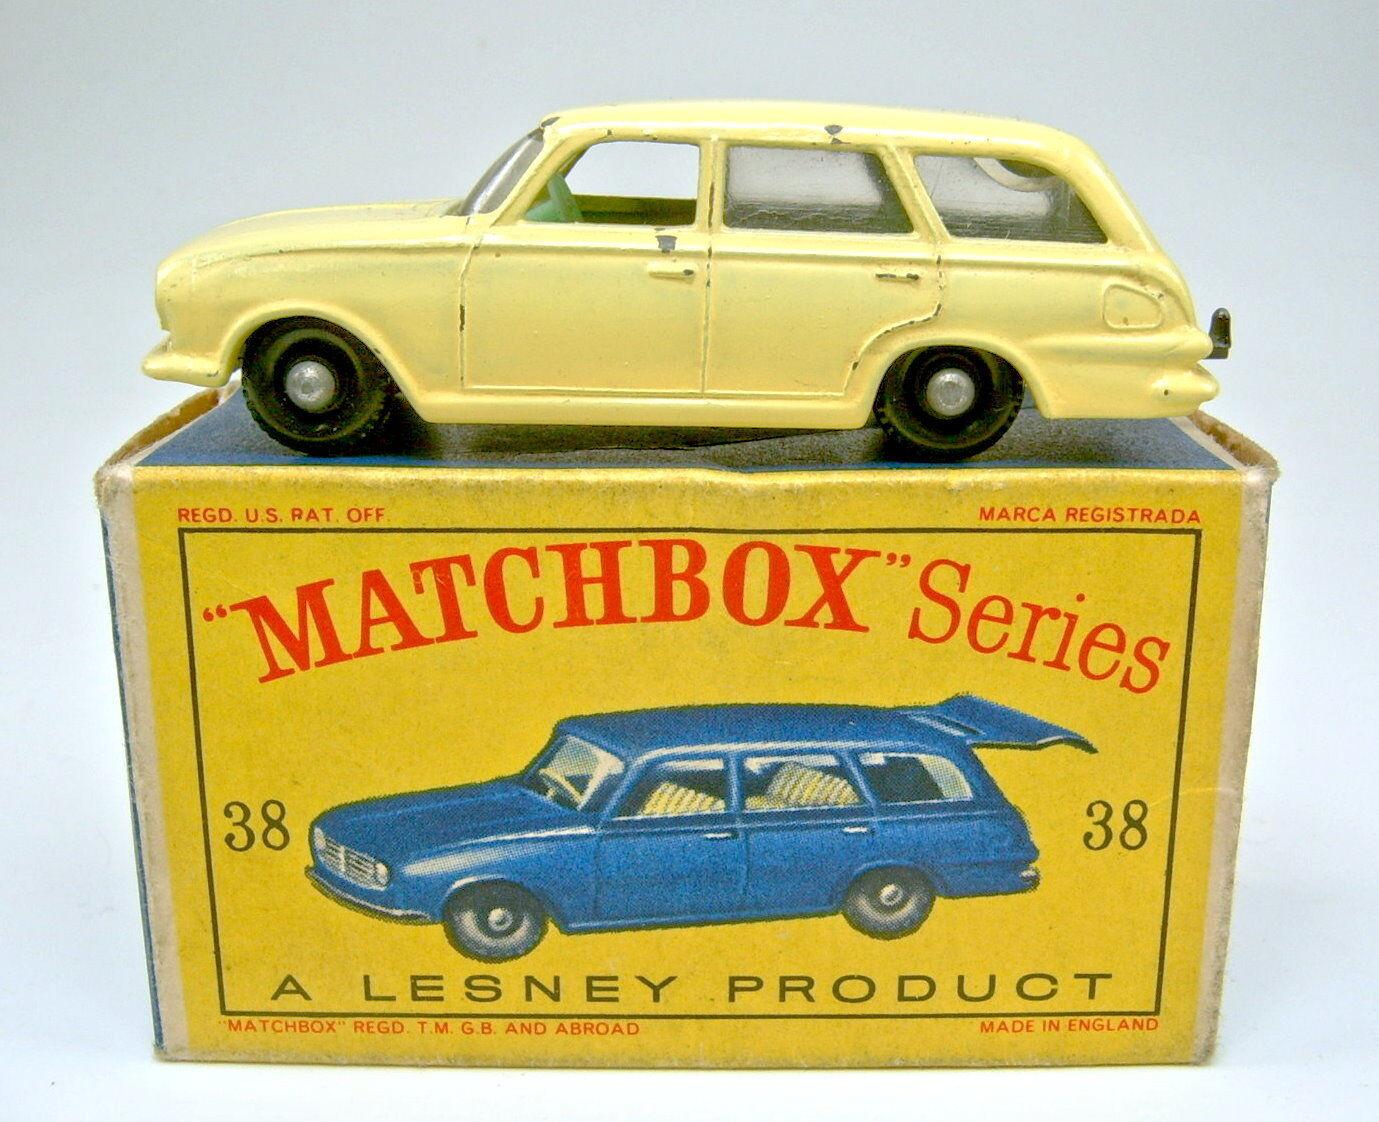 Matchbox - rw 38b vauxhall victor gelb gr ü ne waren auf  d  - box